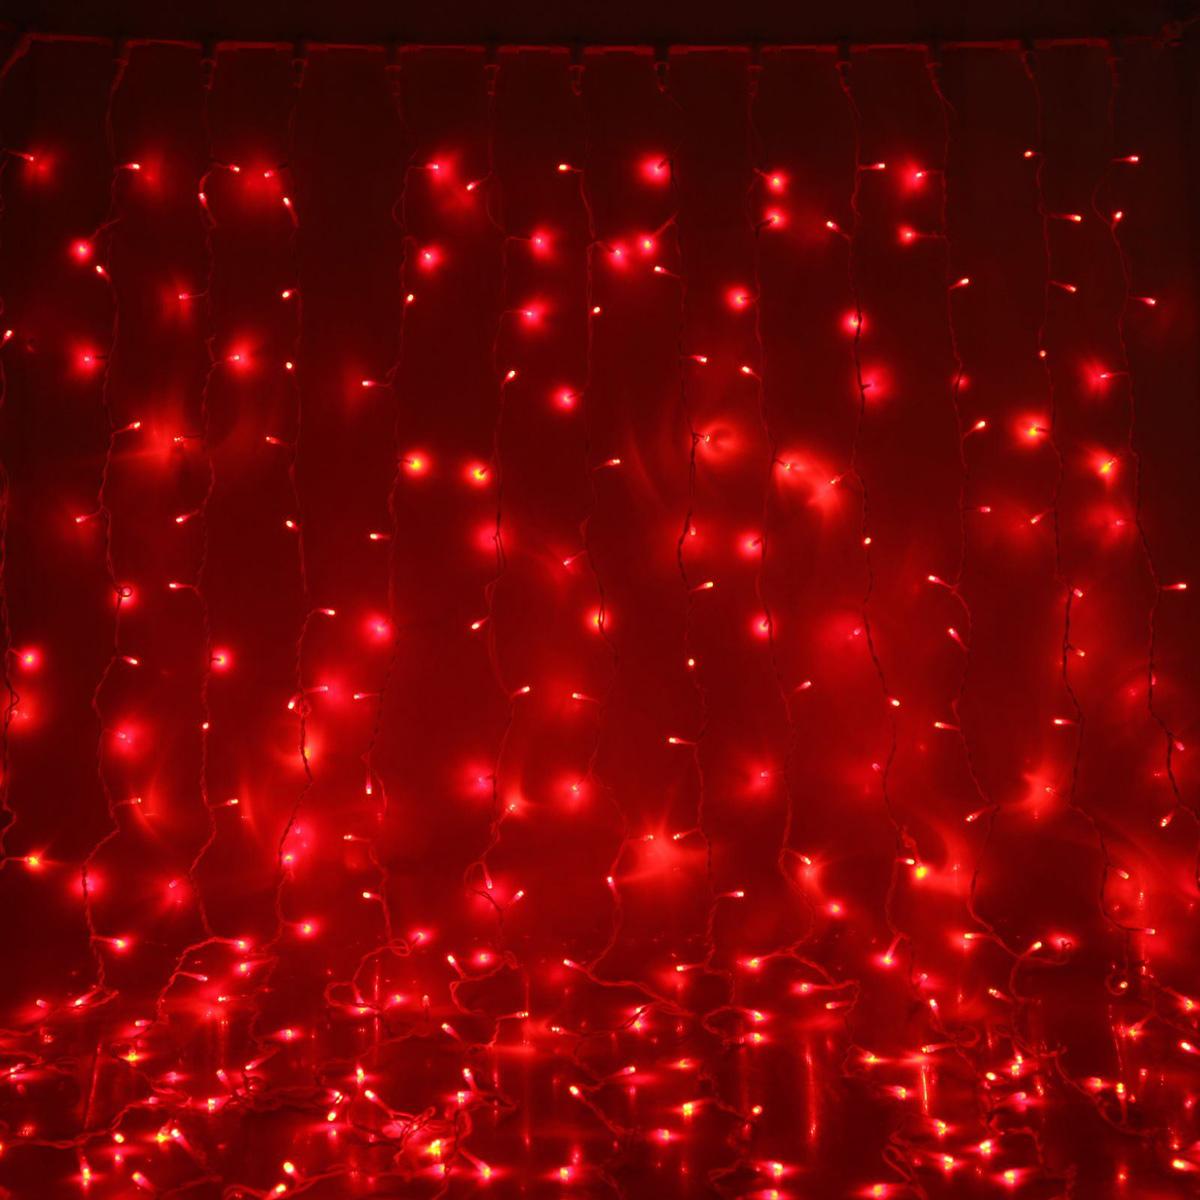 Гирлянда светодиодная Luazon Занавес, цвет: красный, уличная, 1440 ламп, 220 V, 2 х 6 м. 1080258 гирлянда luazon занавес 2m 3m green 1080474